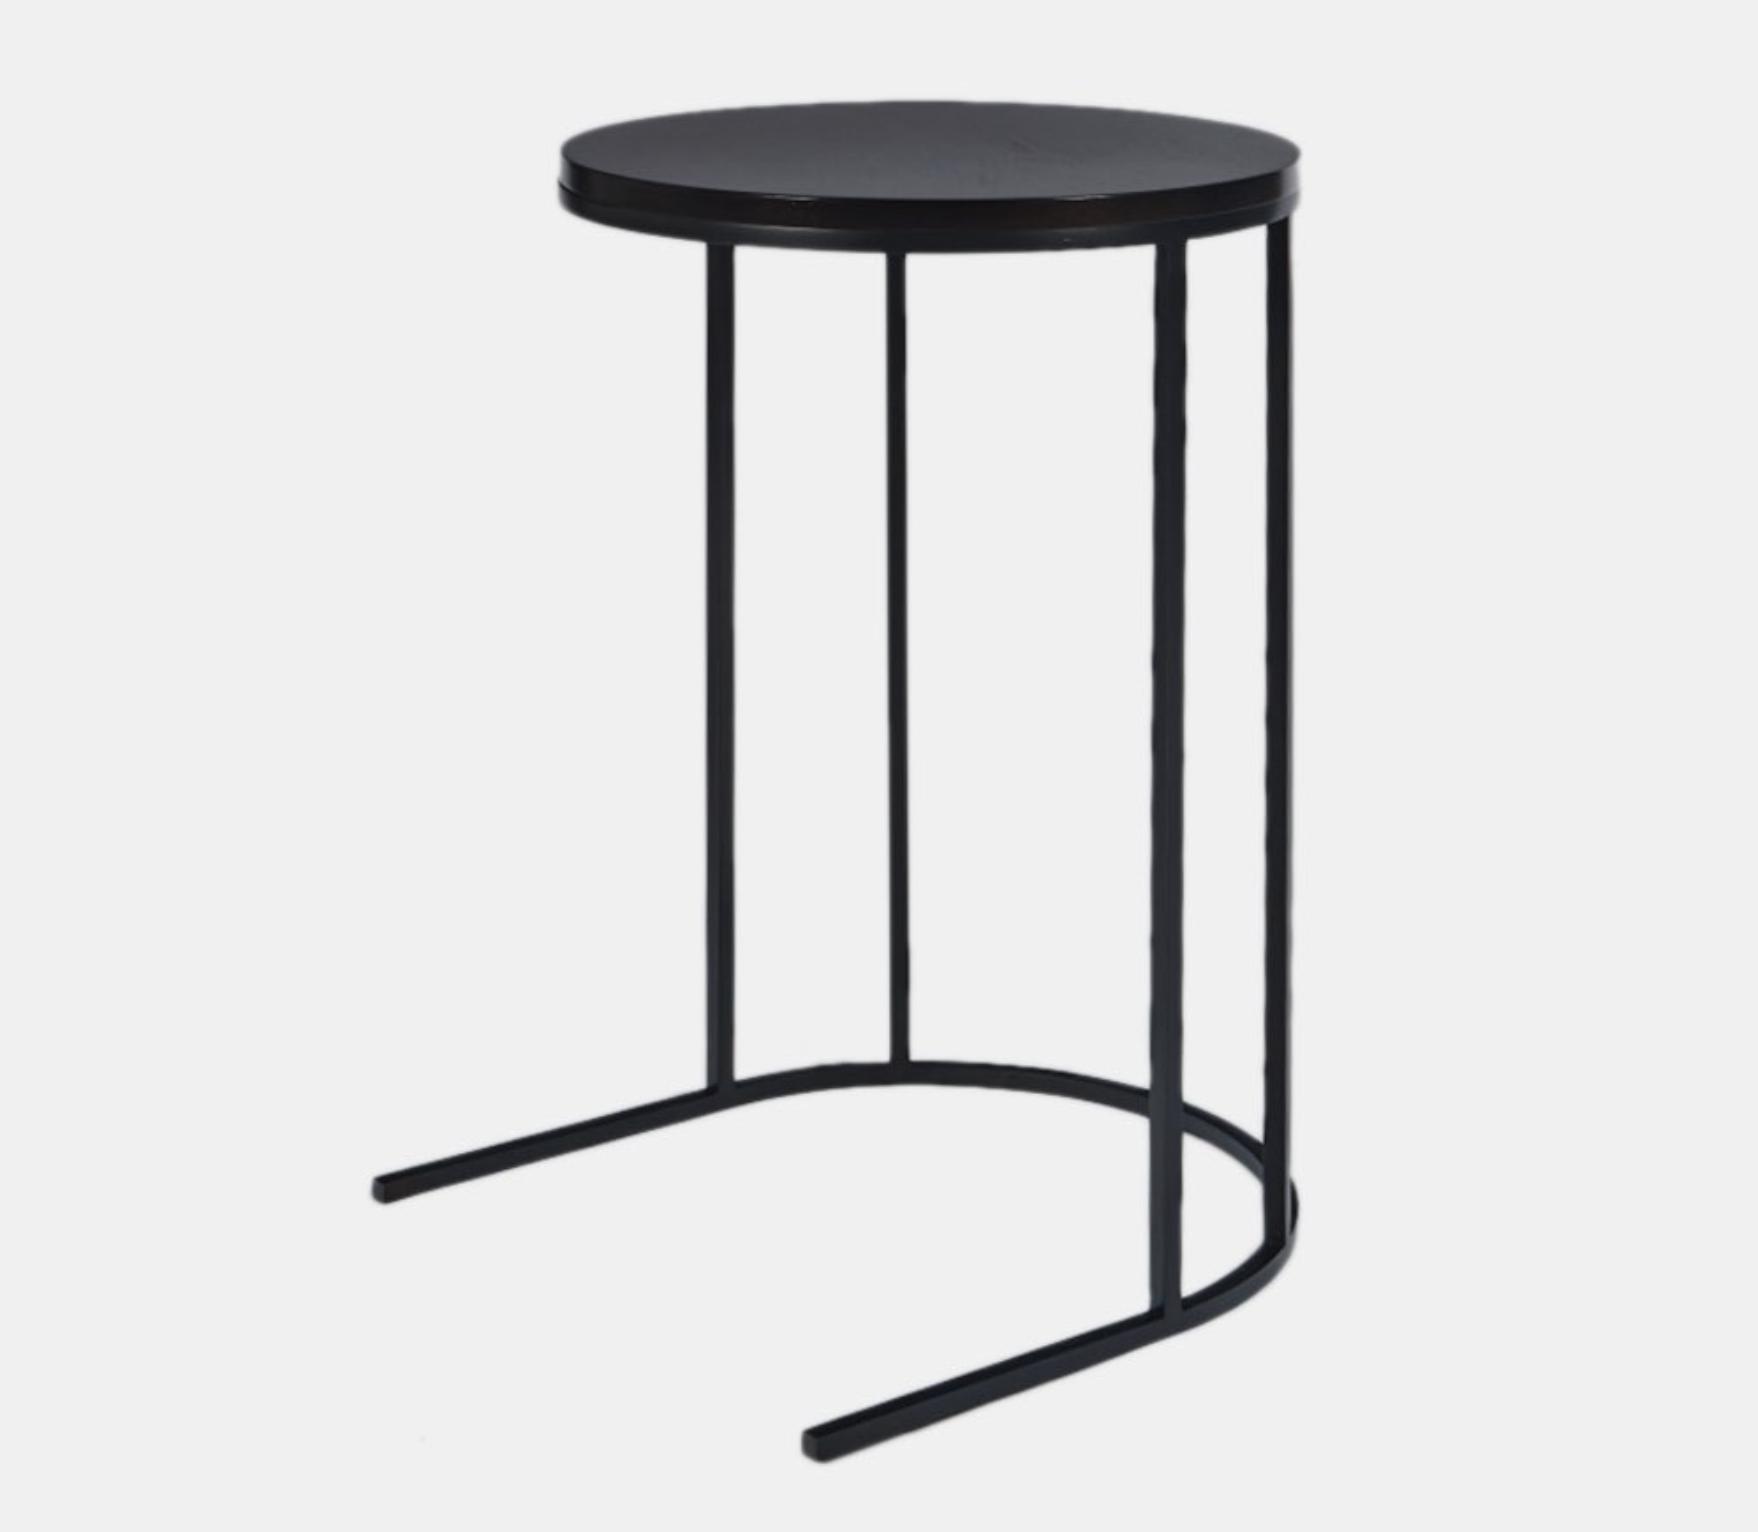 Aguirre Design - Jisu Side Table - Walnut and Blackened Steel